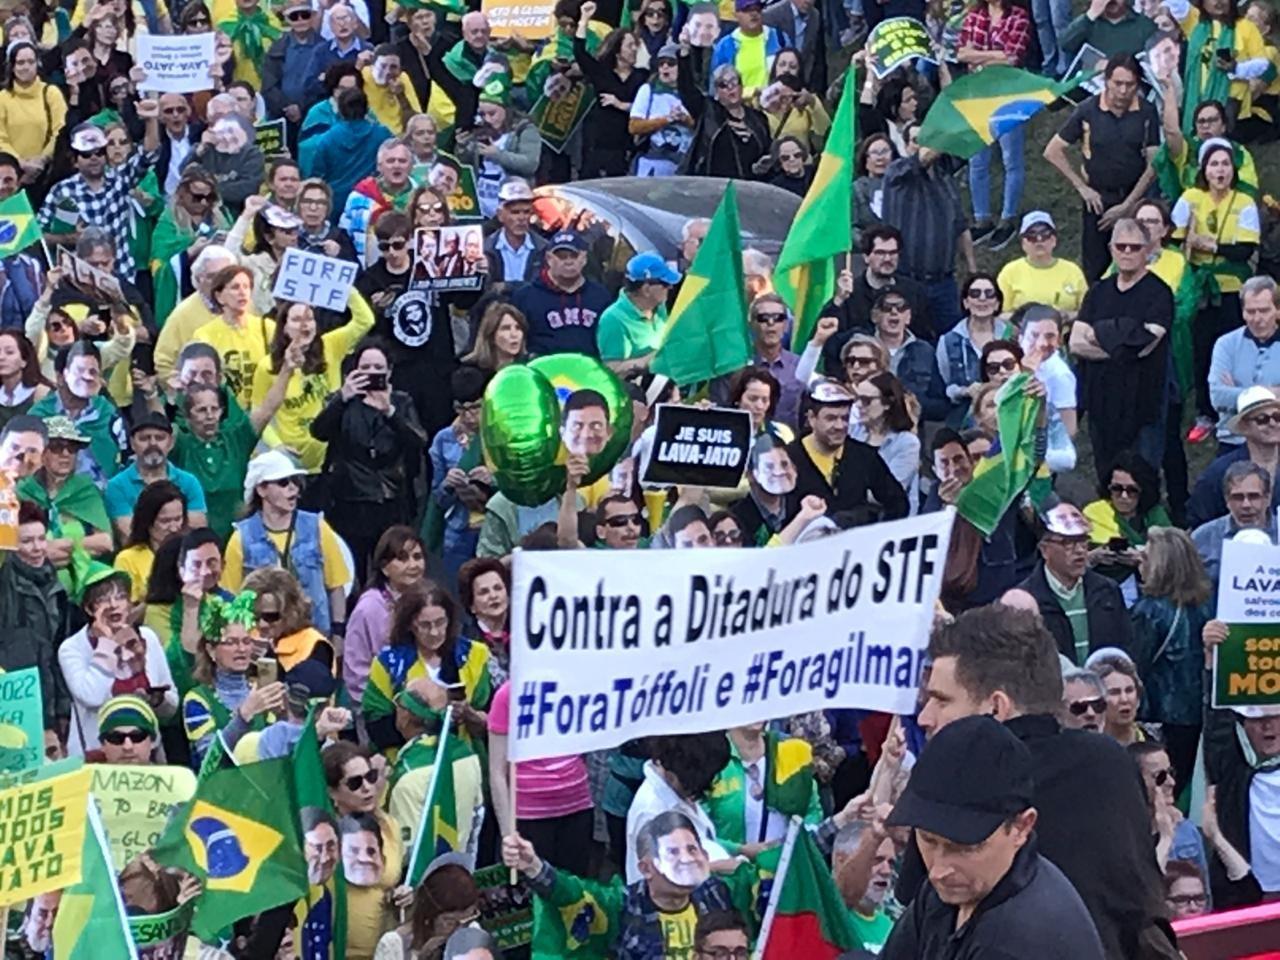 Rio Grande do Sul tem protestos contra o STF, a lei do abuso de autoridade e a favor da Lava Jato  - Notícias - Plantão Diário